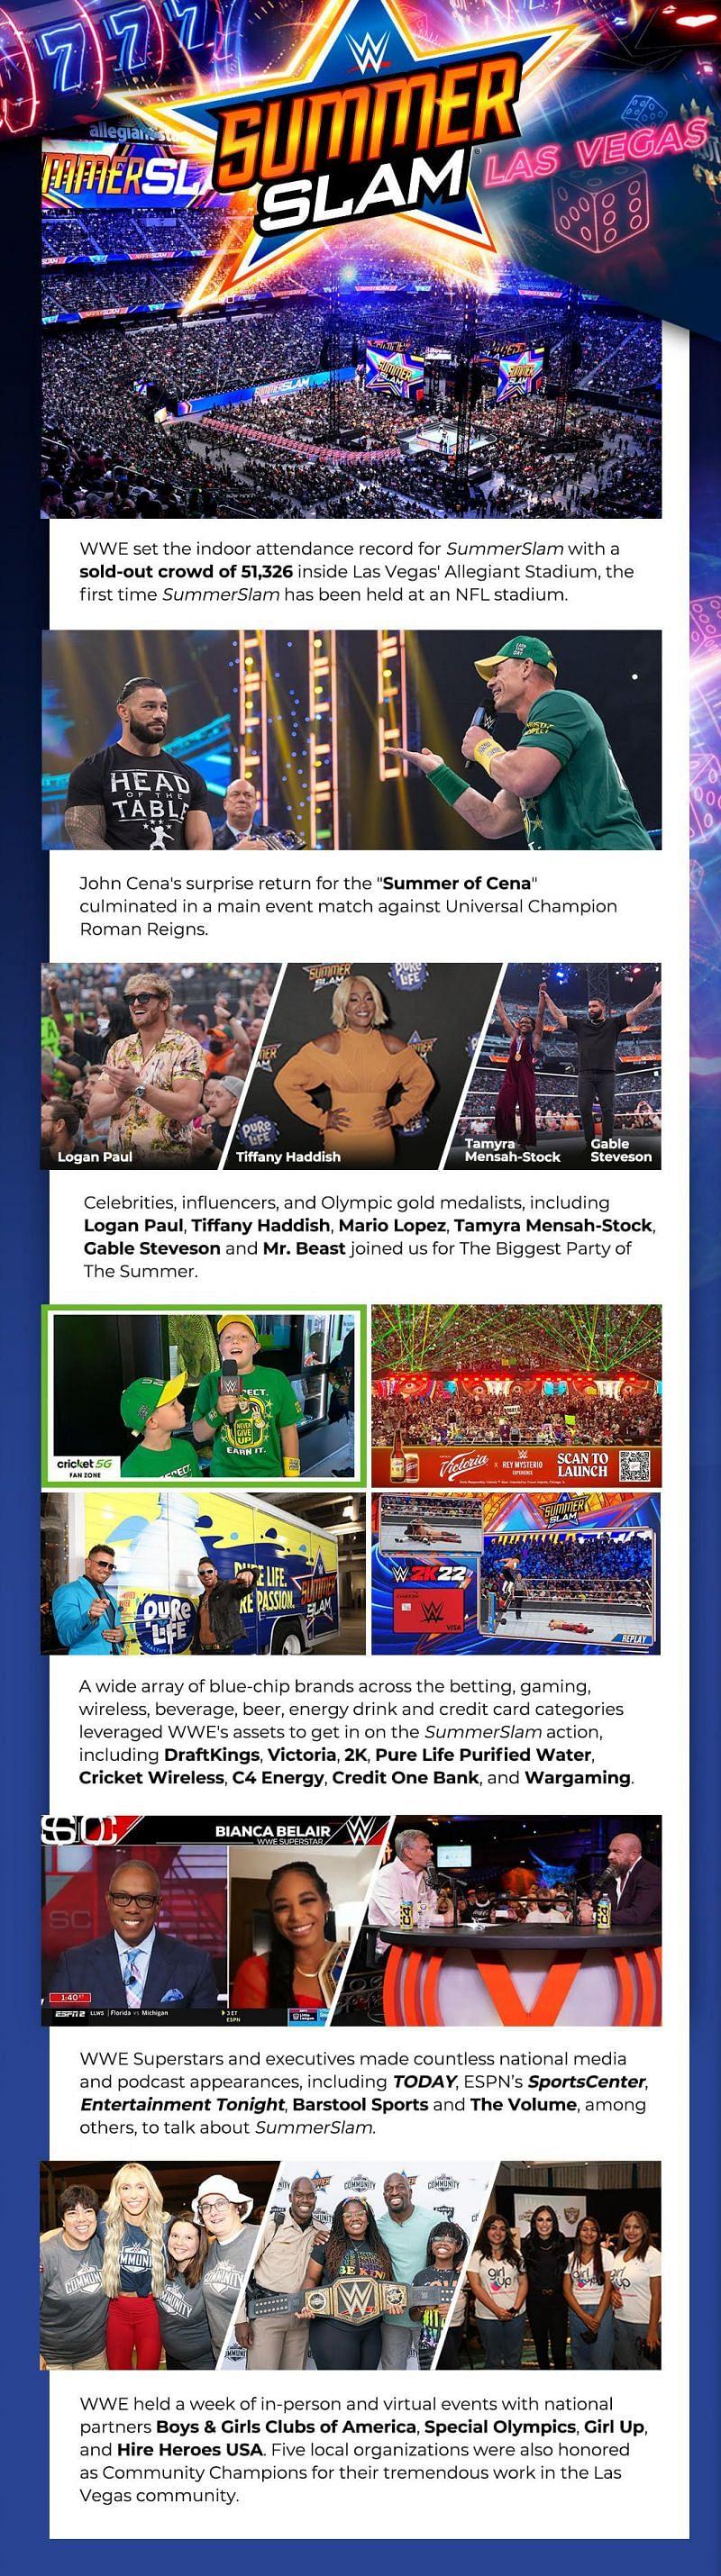 SummerSlam 2021 was WWE